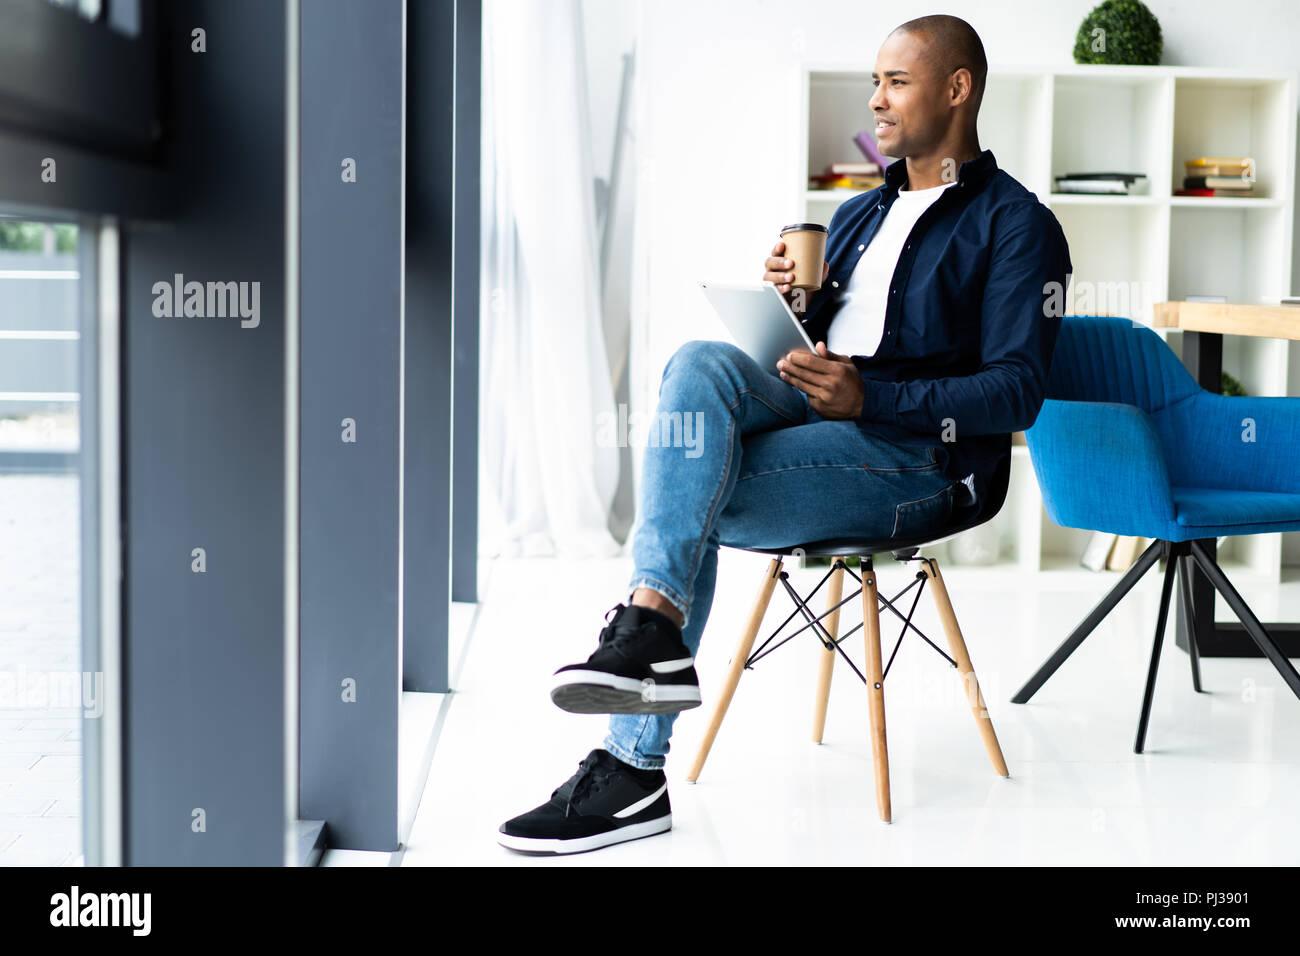 Gerne afrikanische amerikanische Unternehmer mit Tablet-PC. Stockbild